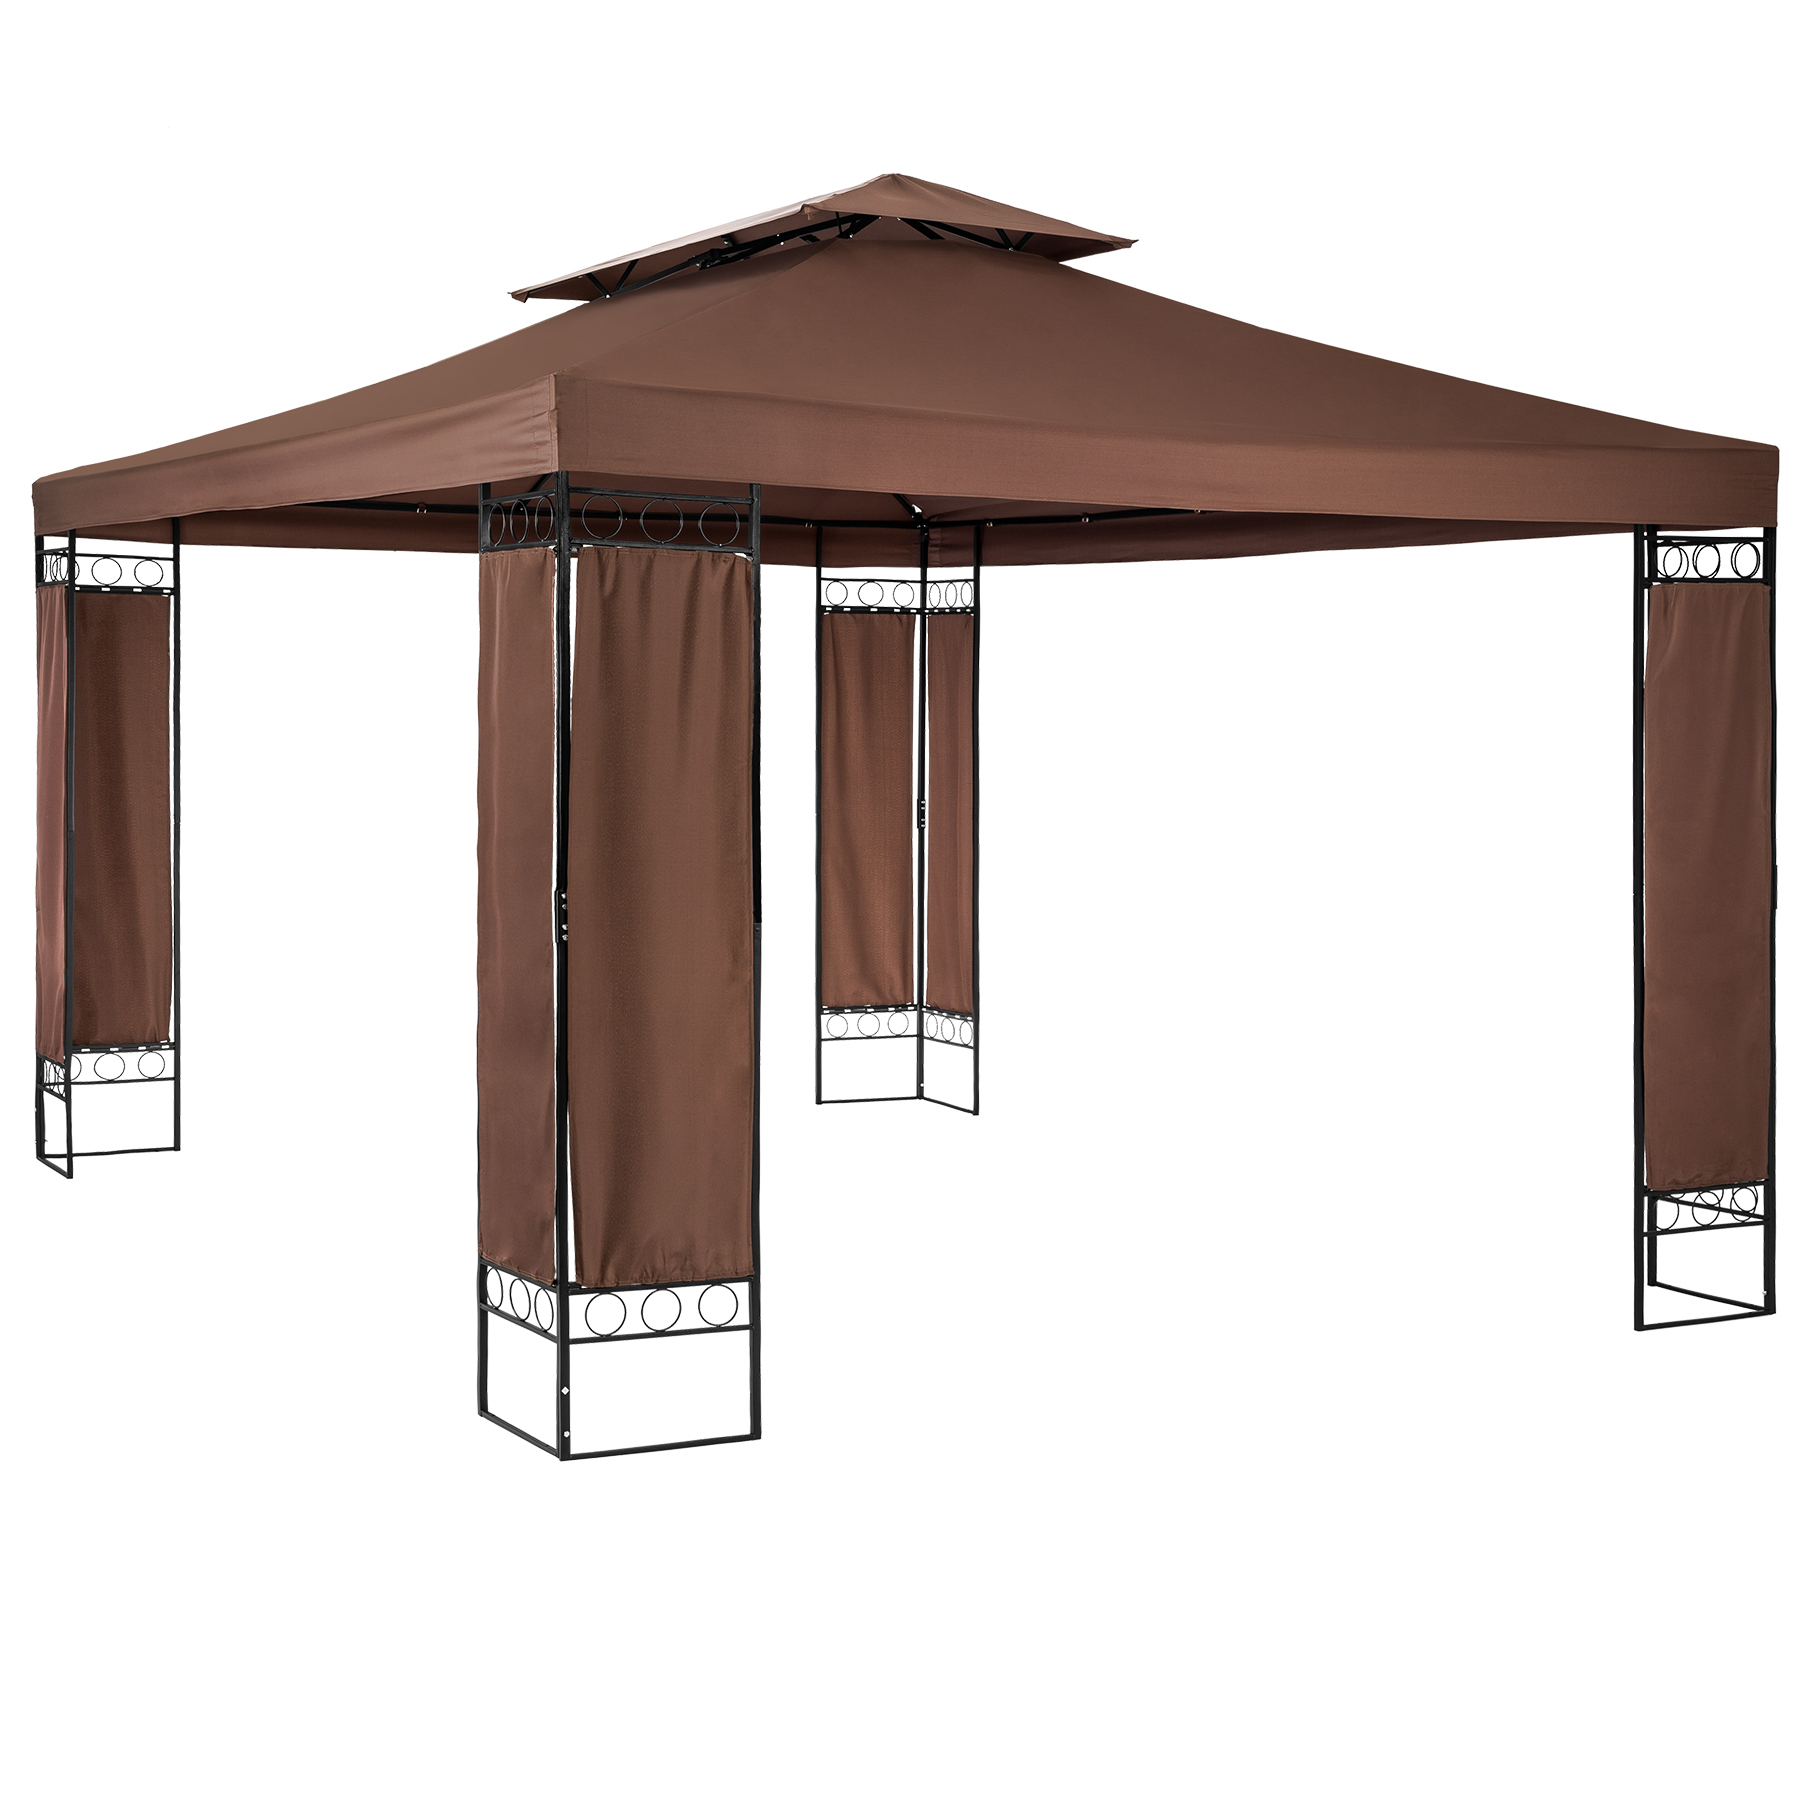 Luxus Gartenpavillon Leyla 390 x 290cm braun günstig online kaufen